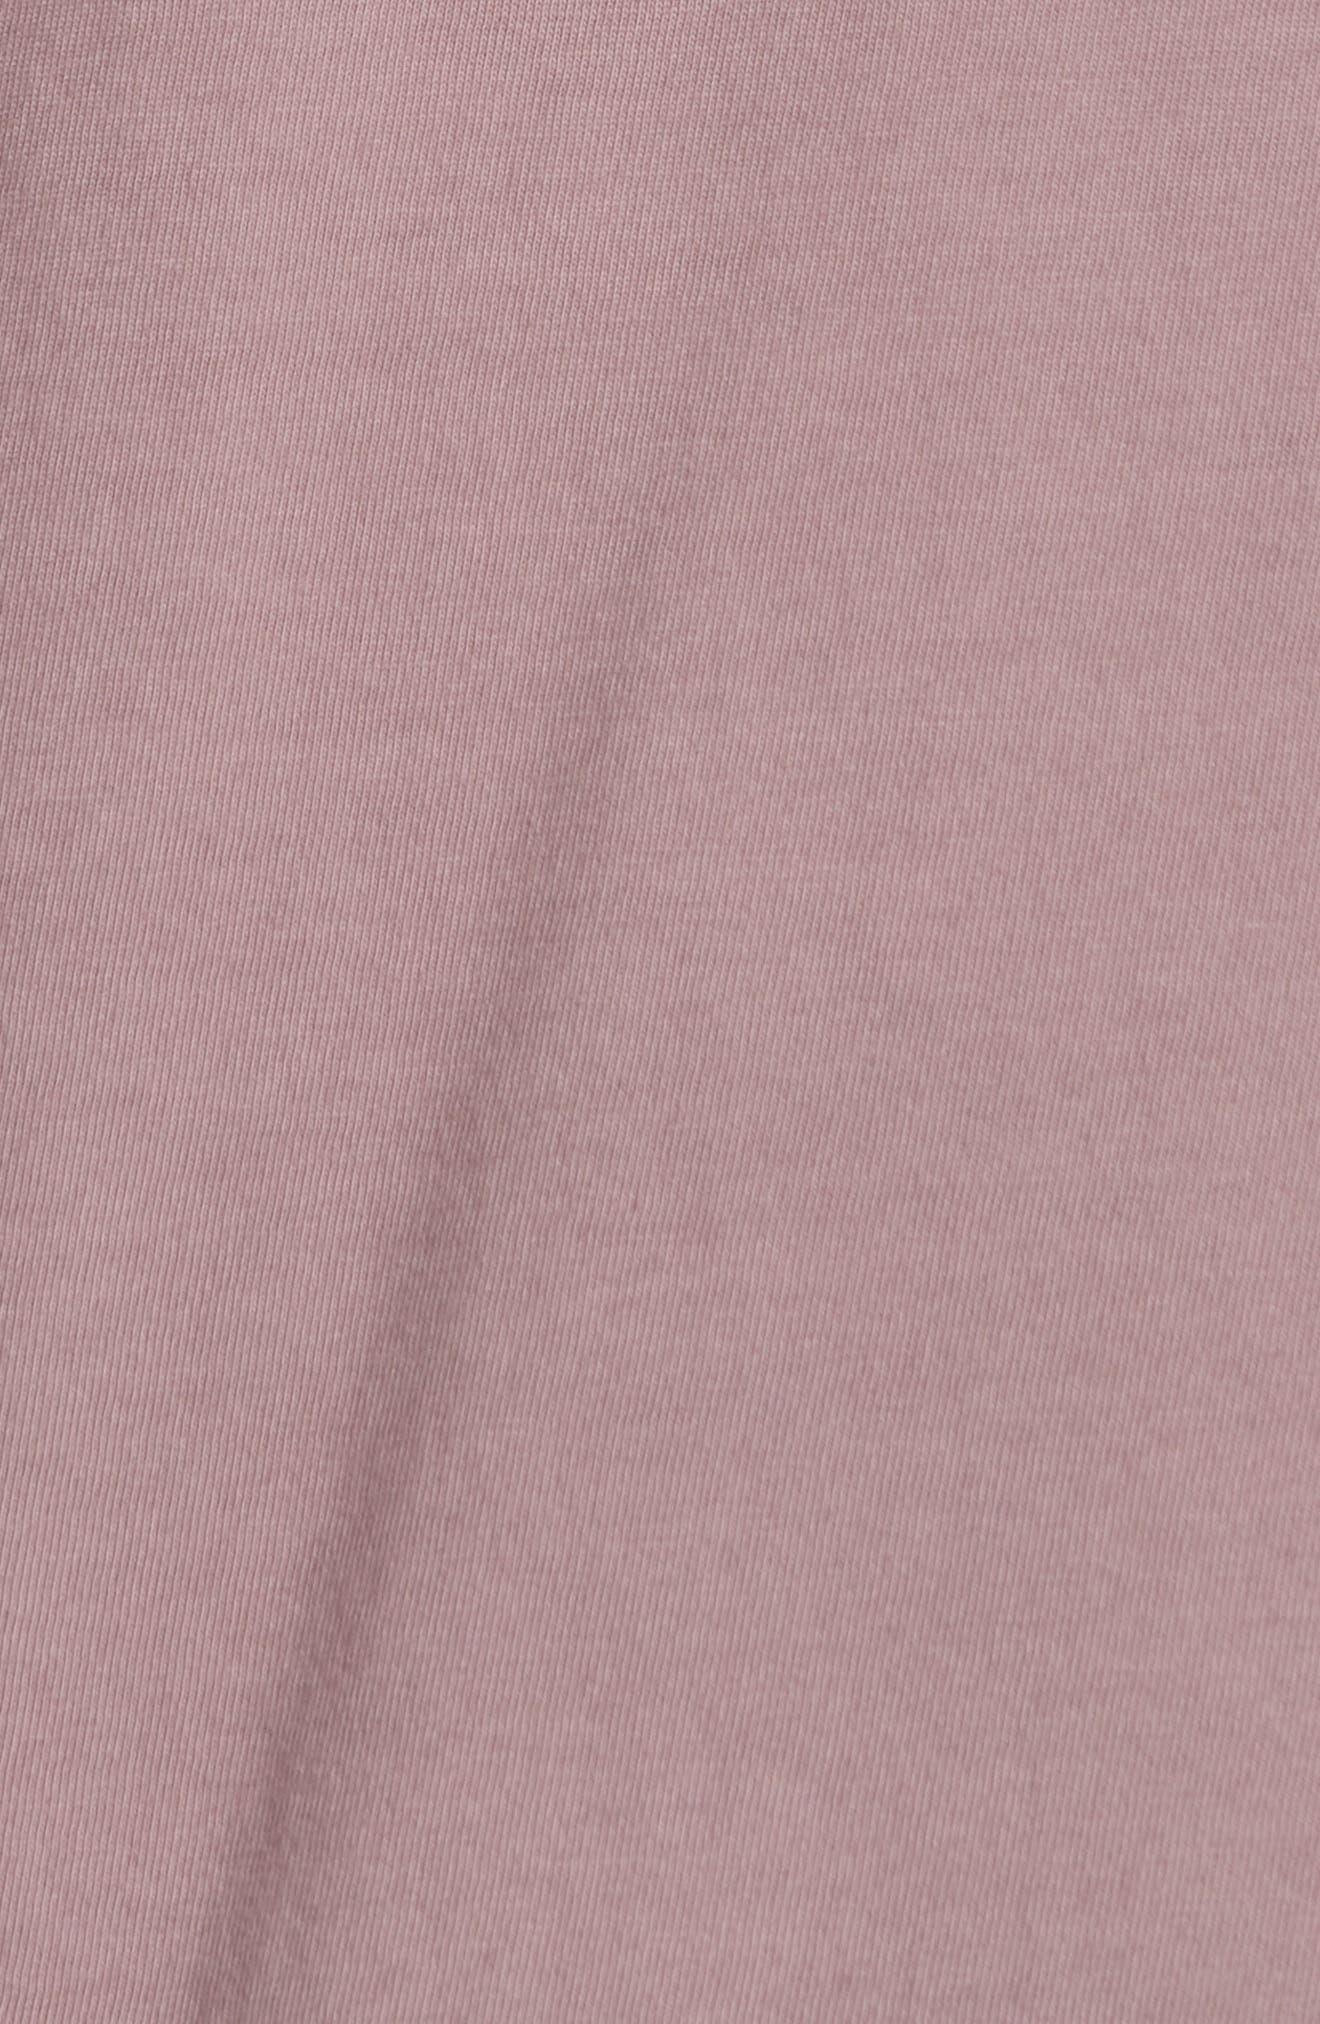 Long Sleeve T-Shirt,                             Alternate thumbnail 5, color,                             ROSE QUARTZ